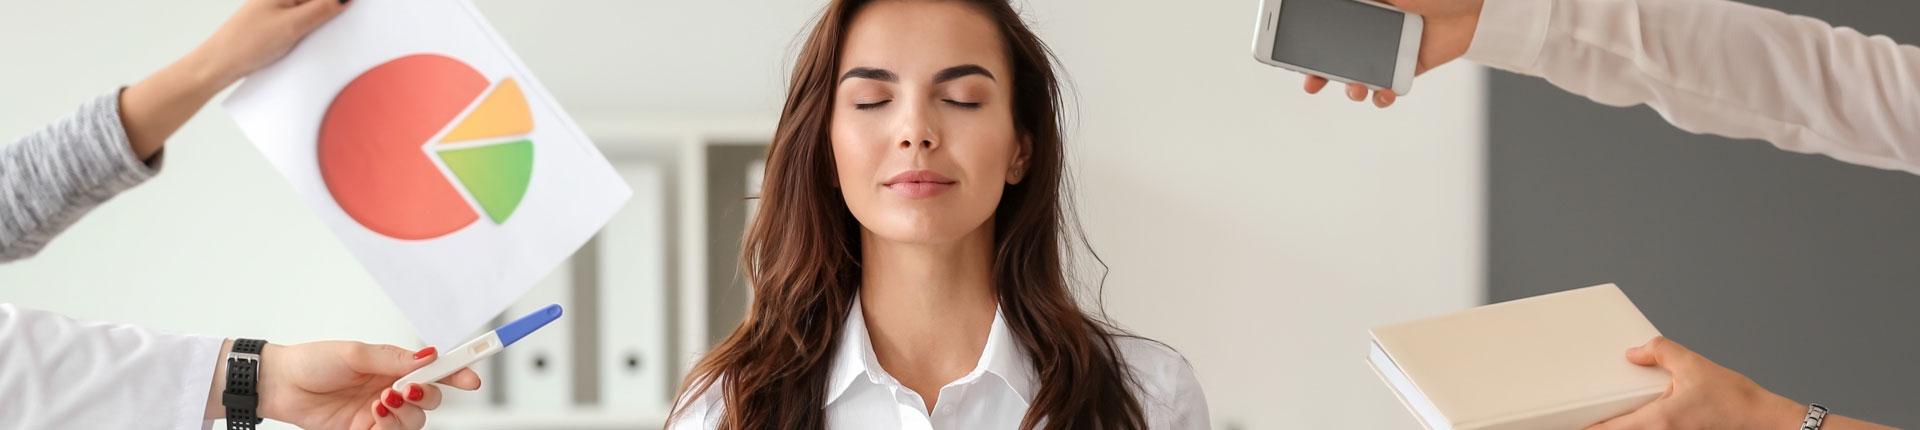 Najlepsze preparaty na stres - jakie suplementy wybrać?